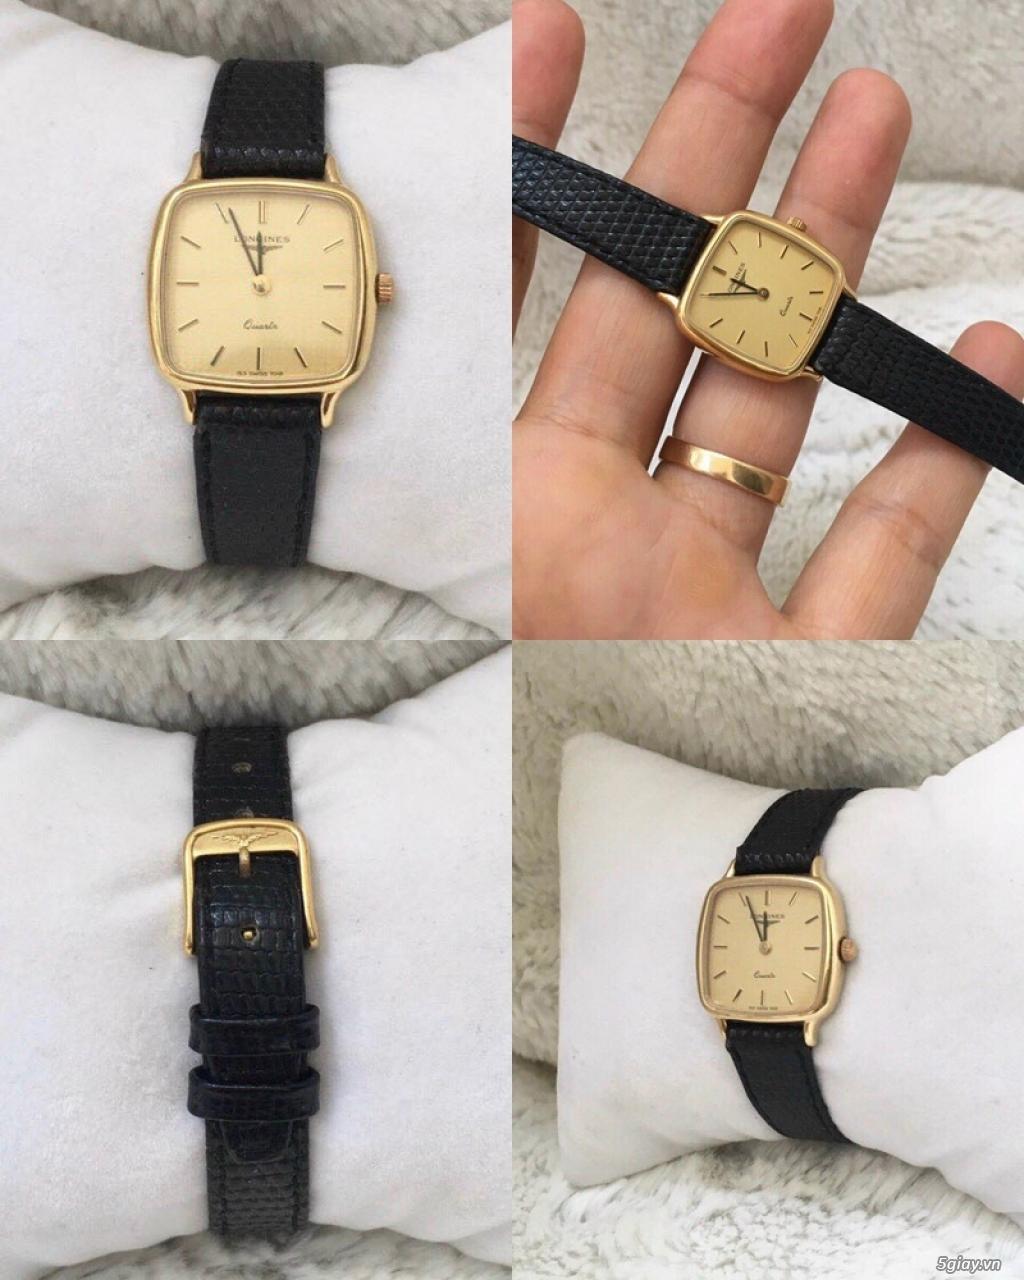 Kho đồng hồ xách tay chính hãng secondhand update liên tục - 46